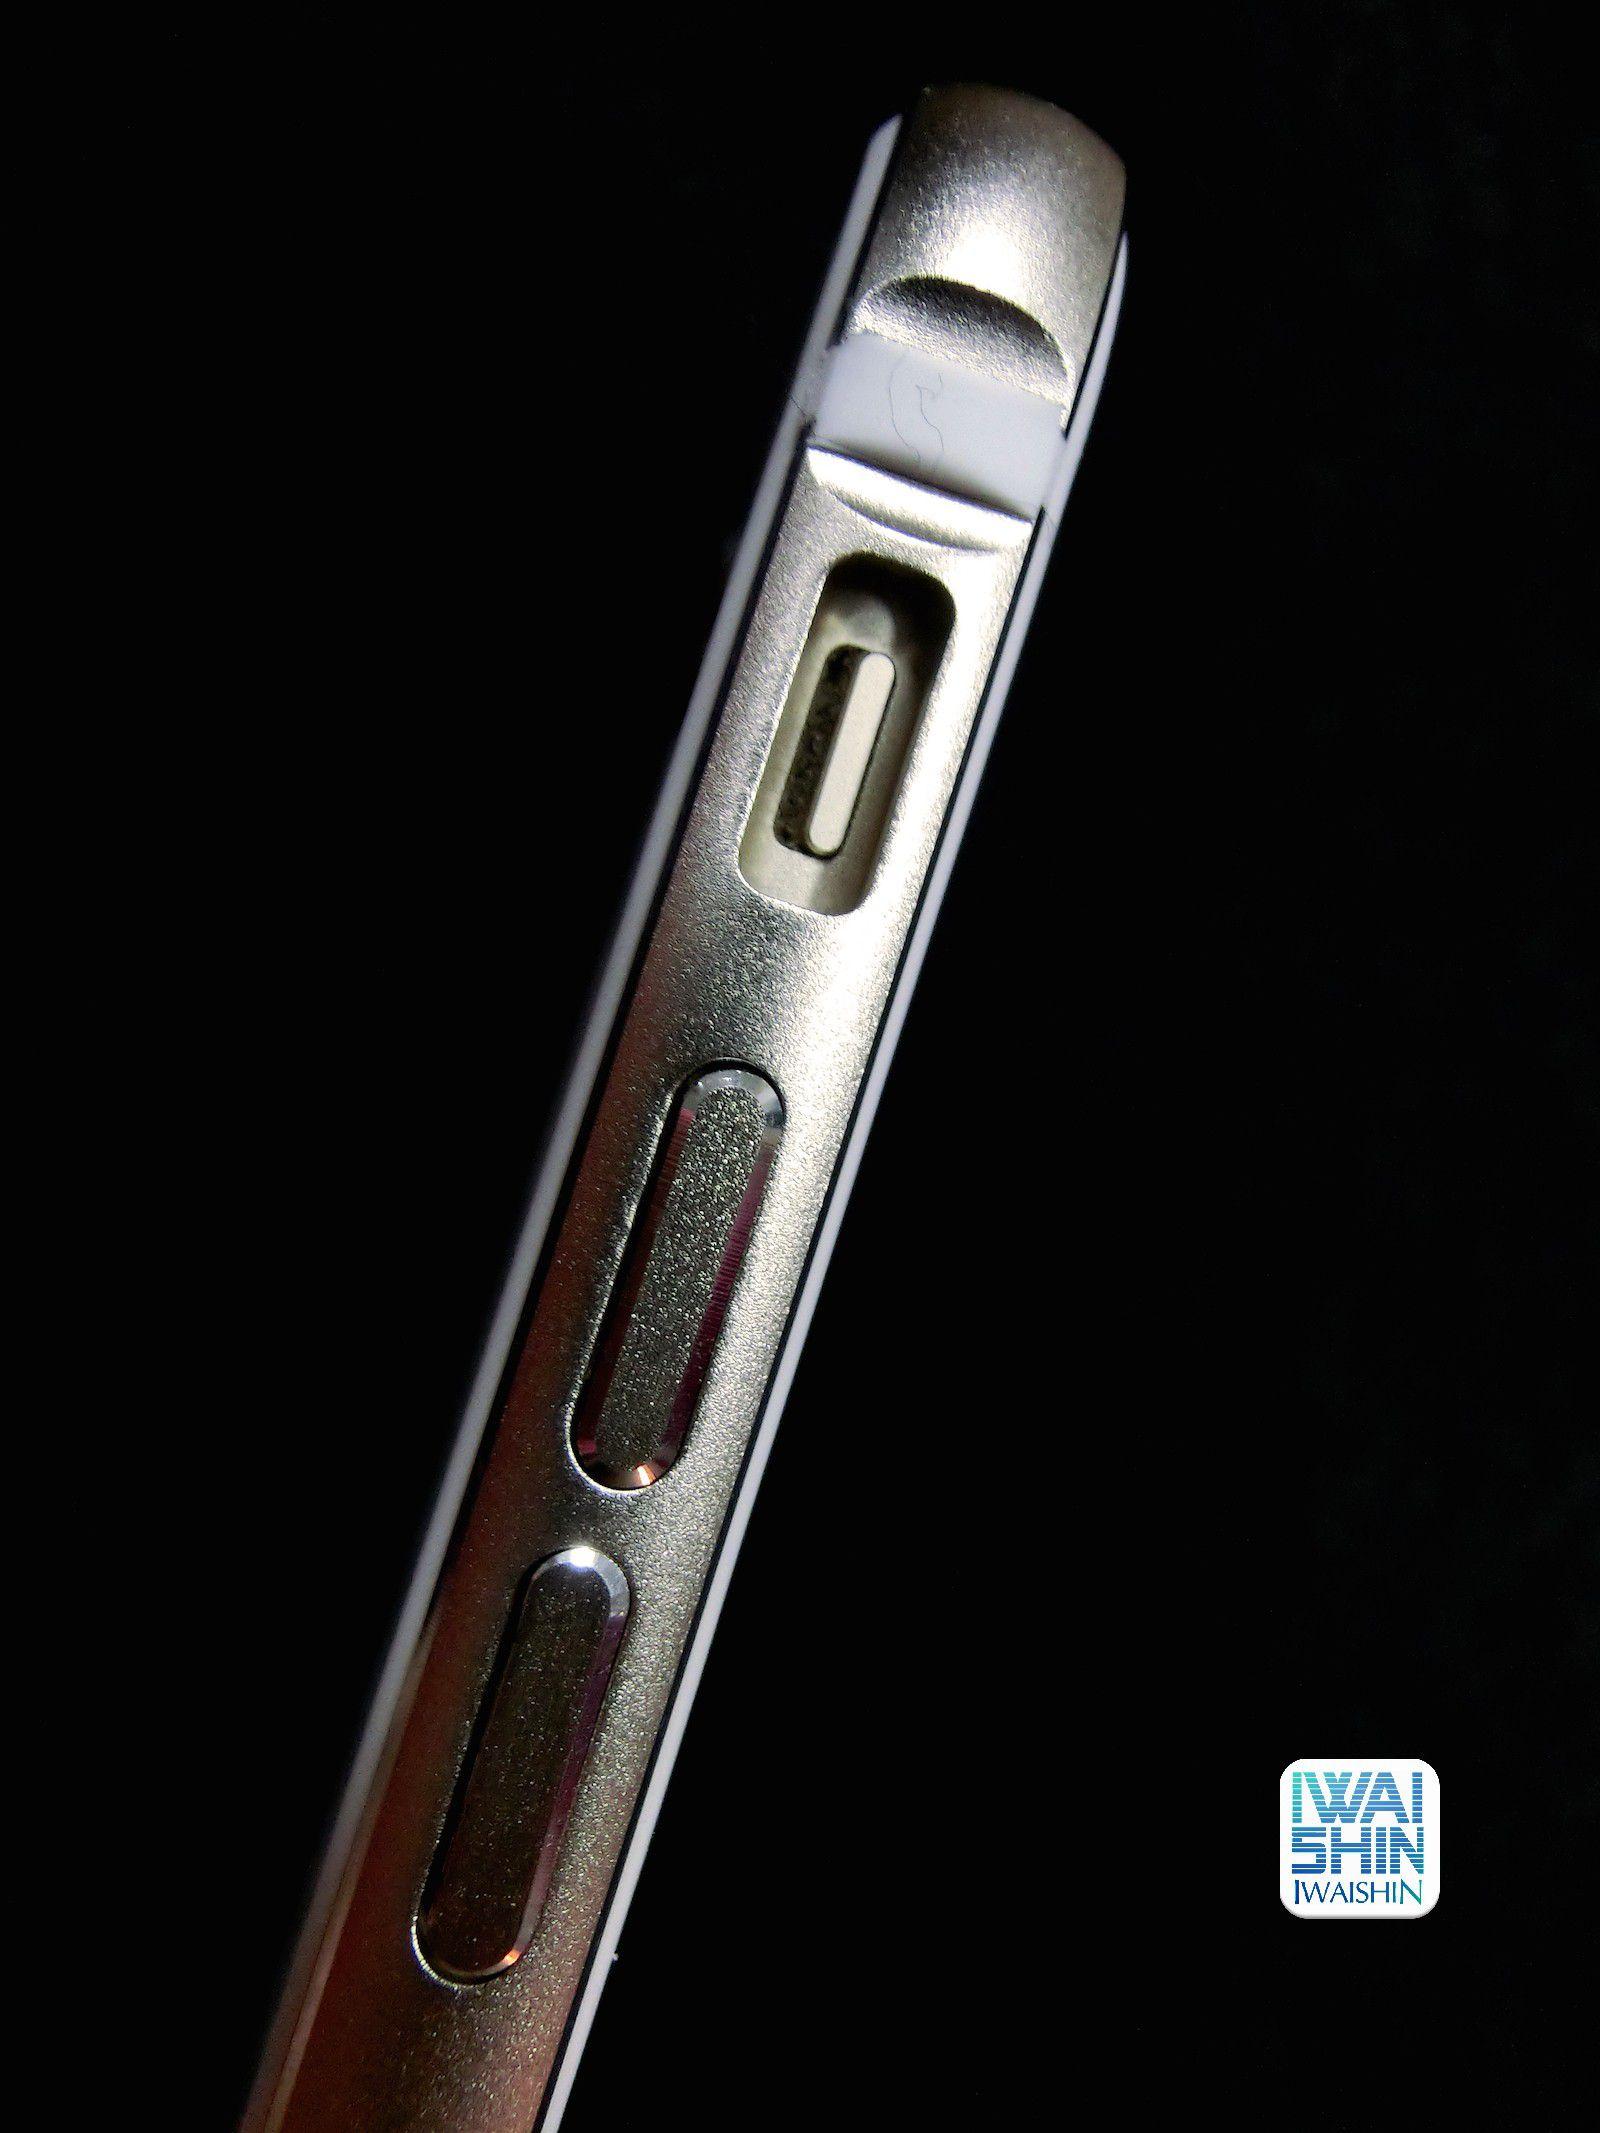 林果創意iPhone6+金屬框5488